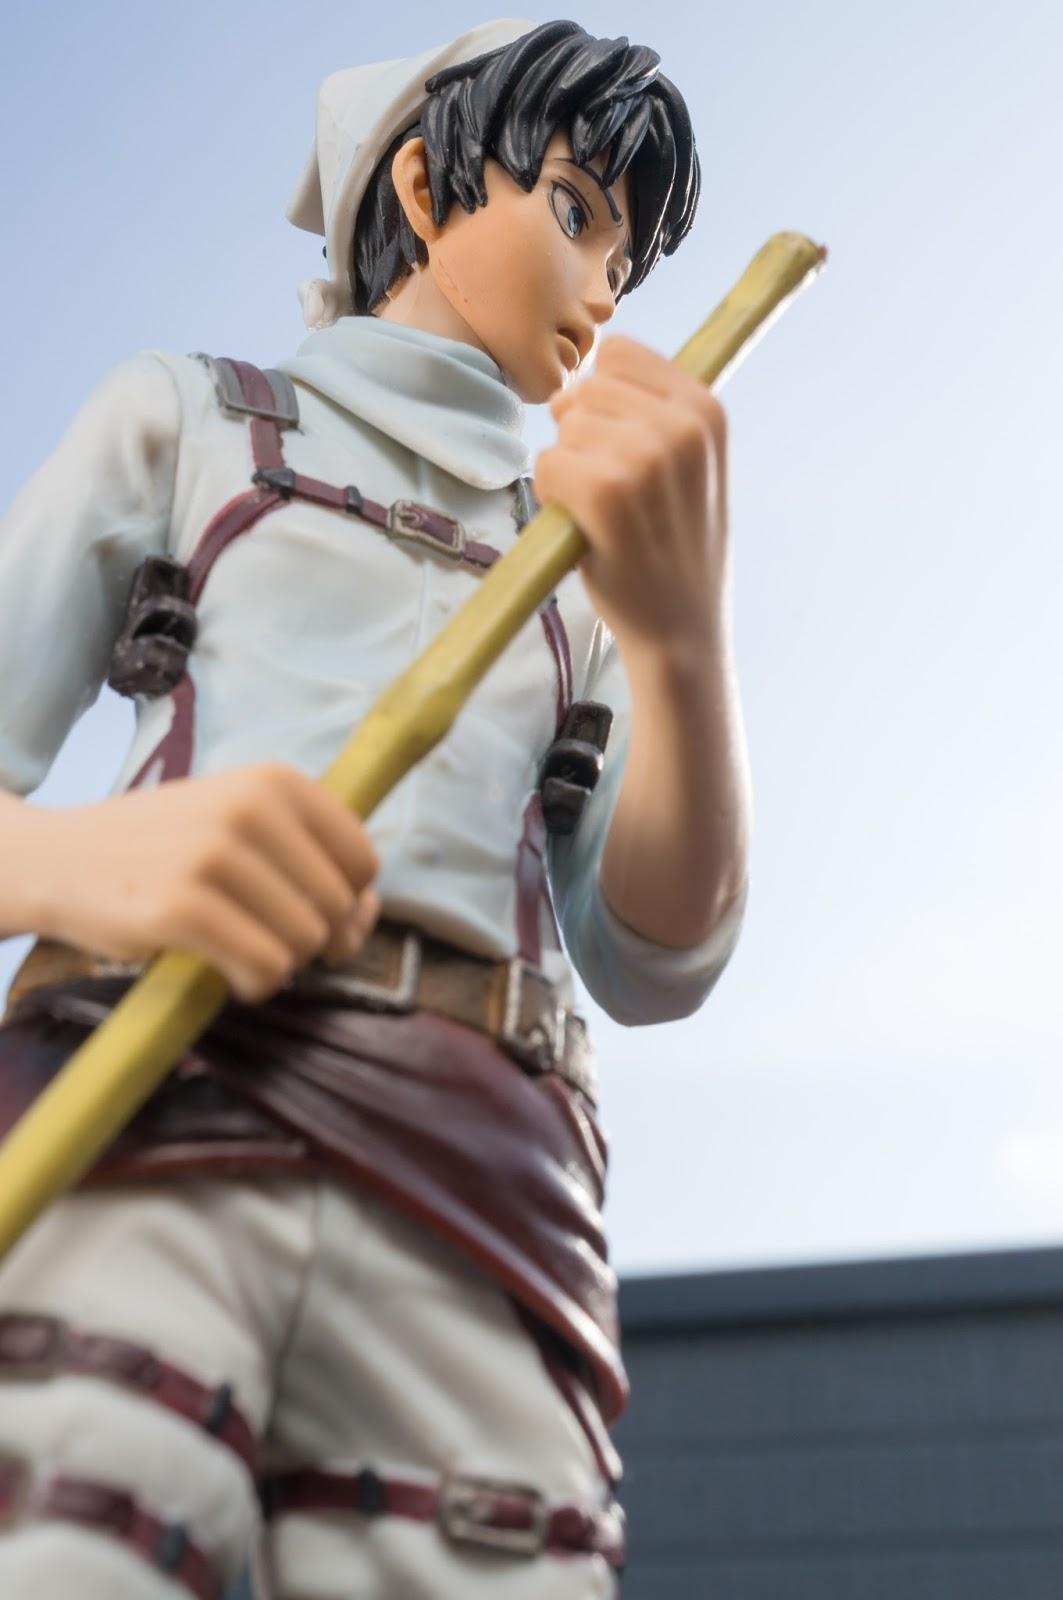 【プライズレビュー】進撃の巨人 DXFお掃除エレンフィギュア【バンプレスト】